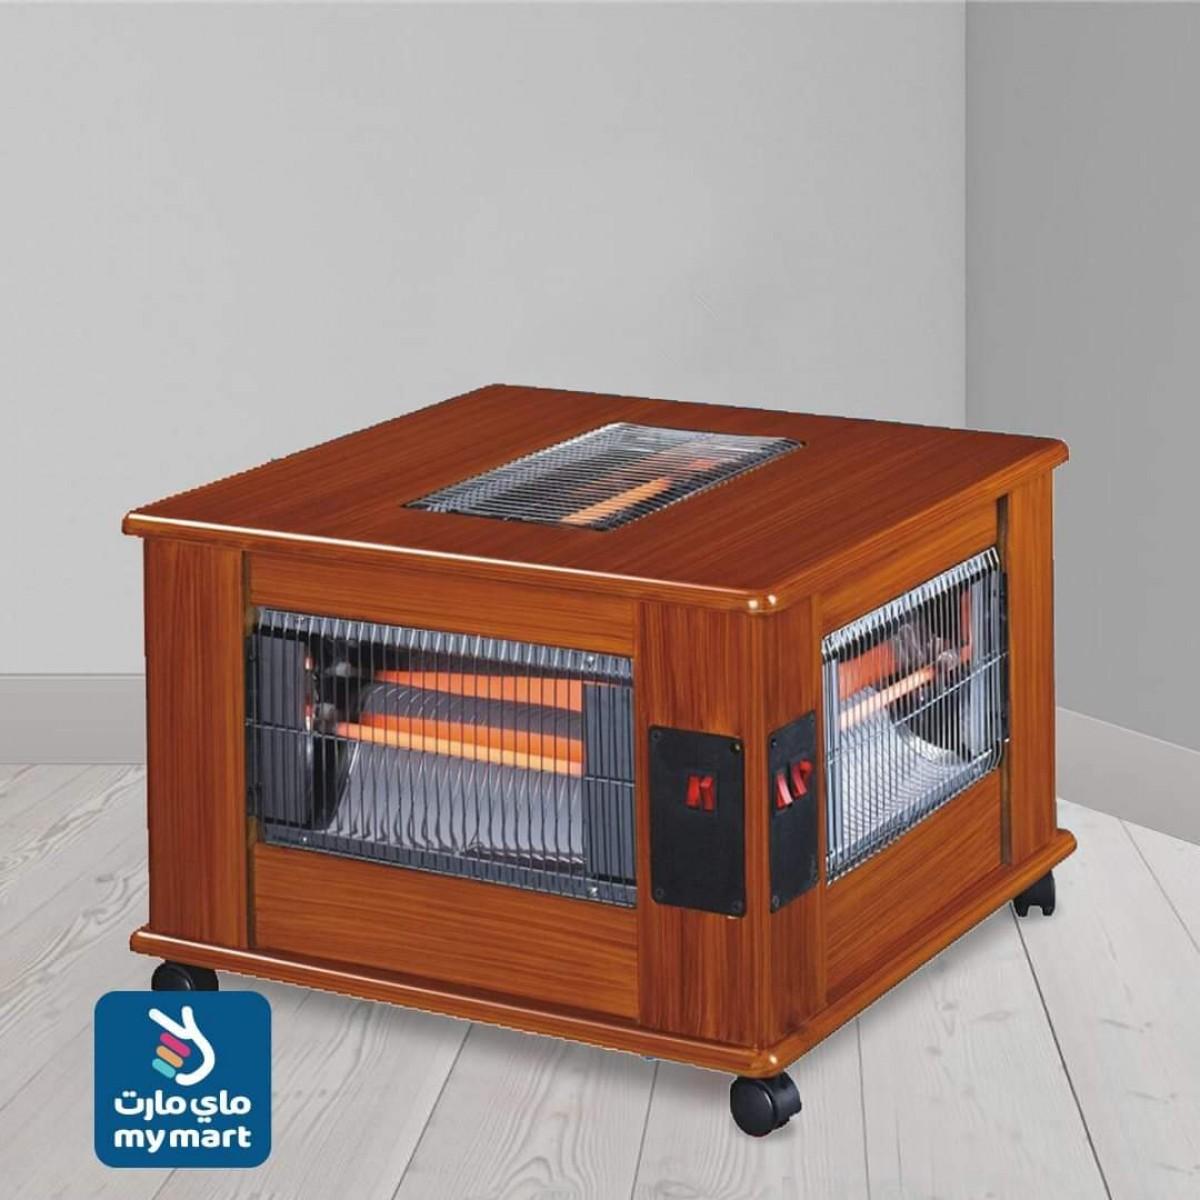 دفاية كهرباية من 5 جوانب خشبيه كلاسيكية هوم ماستر